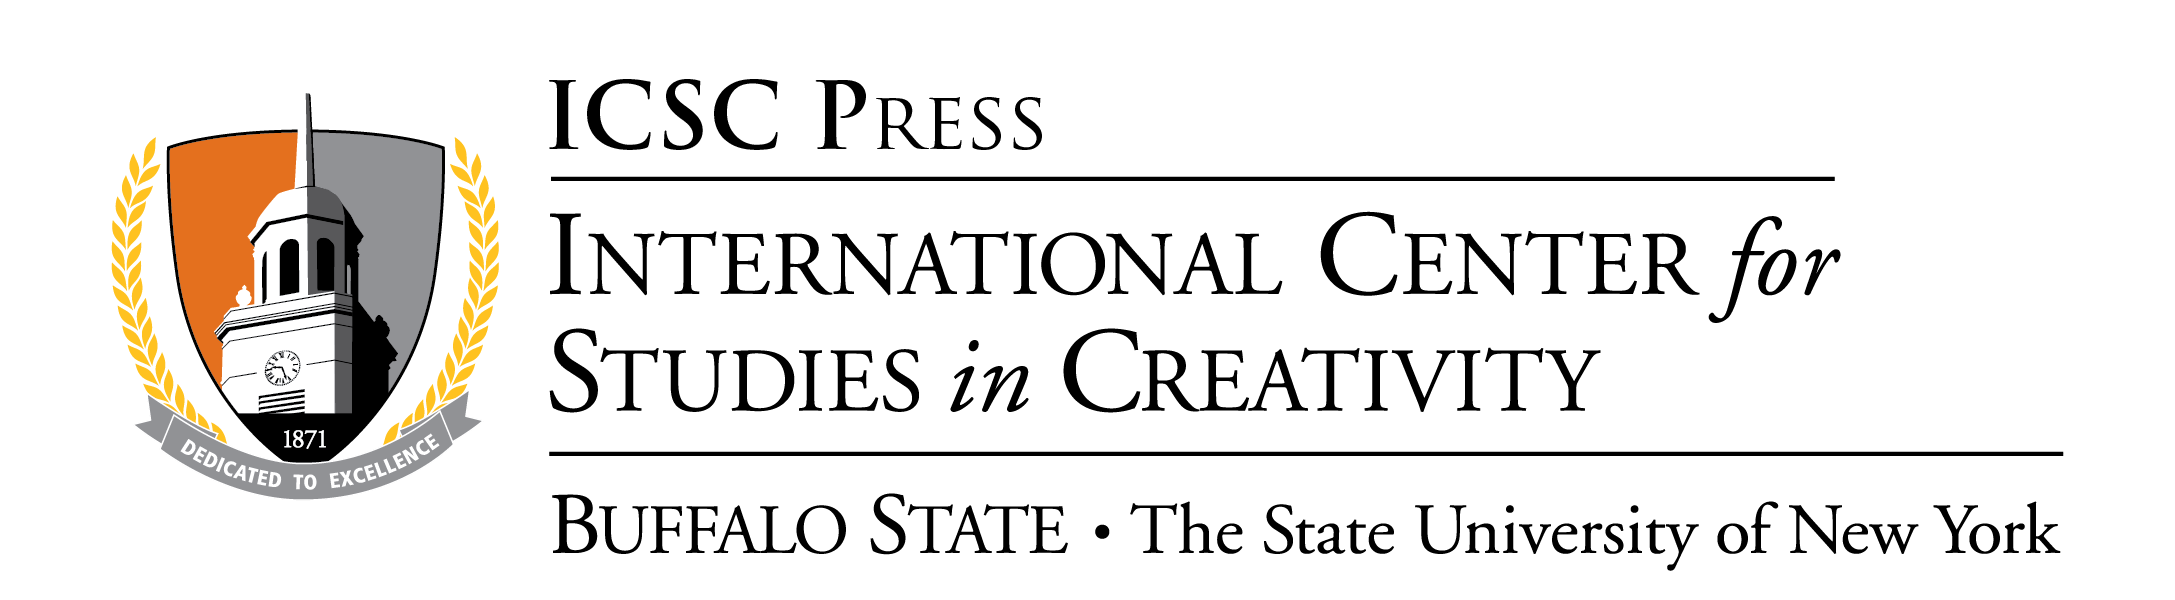 ICSC Press